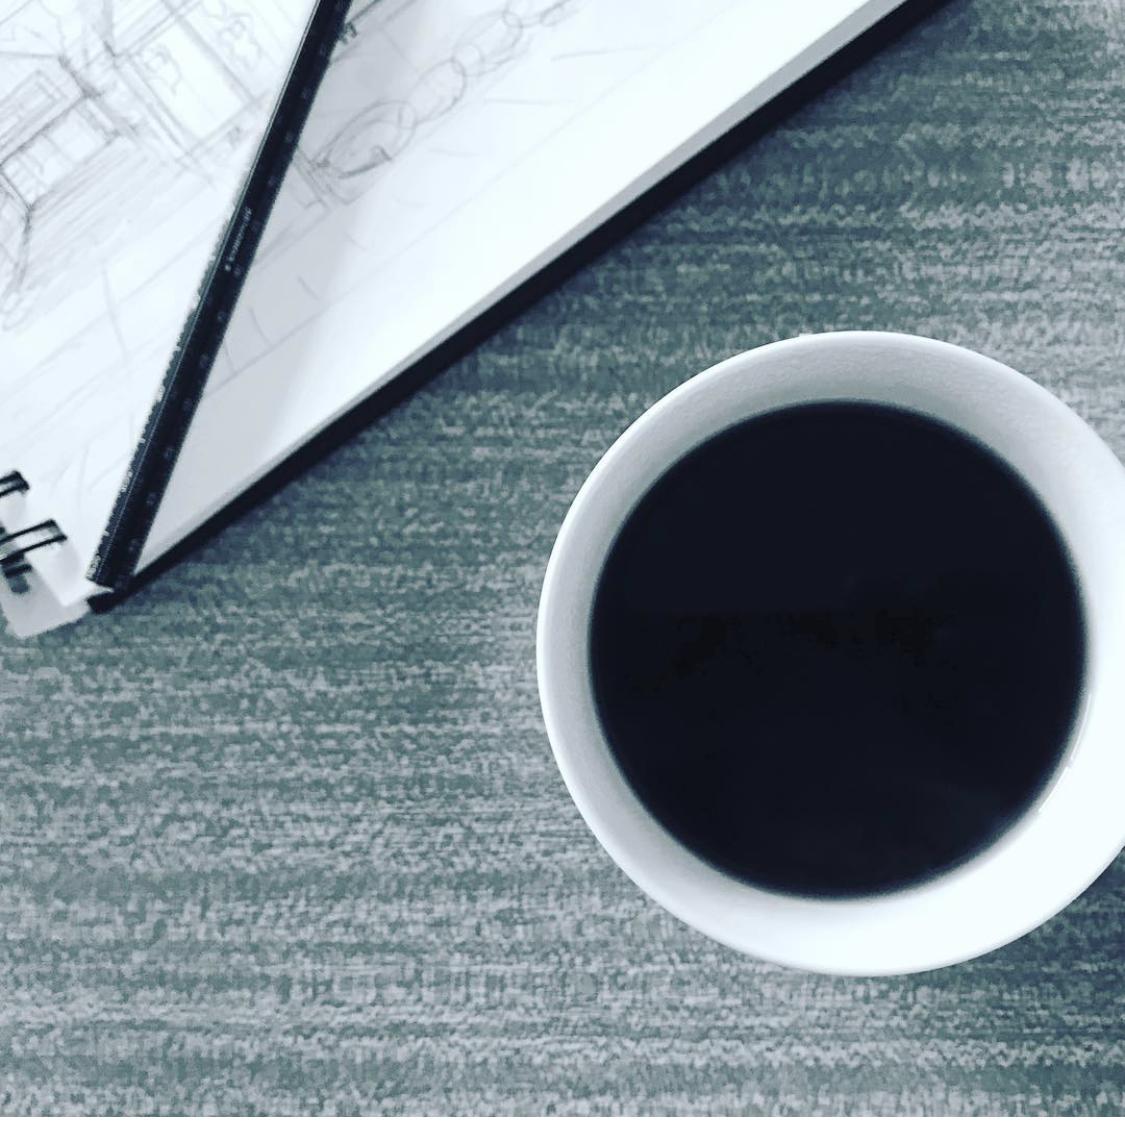 【火曜朝枠のお店紹介】KOPIKOPI-インドネシアコーヒーとトースト-